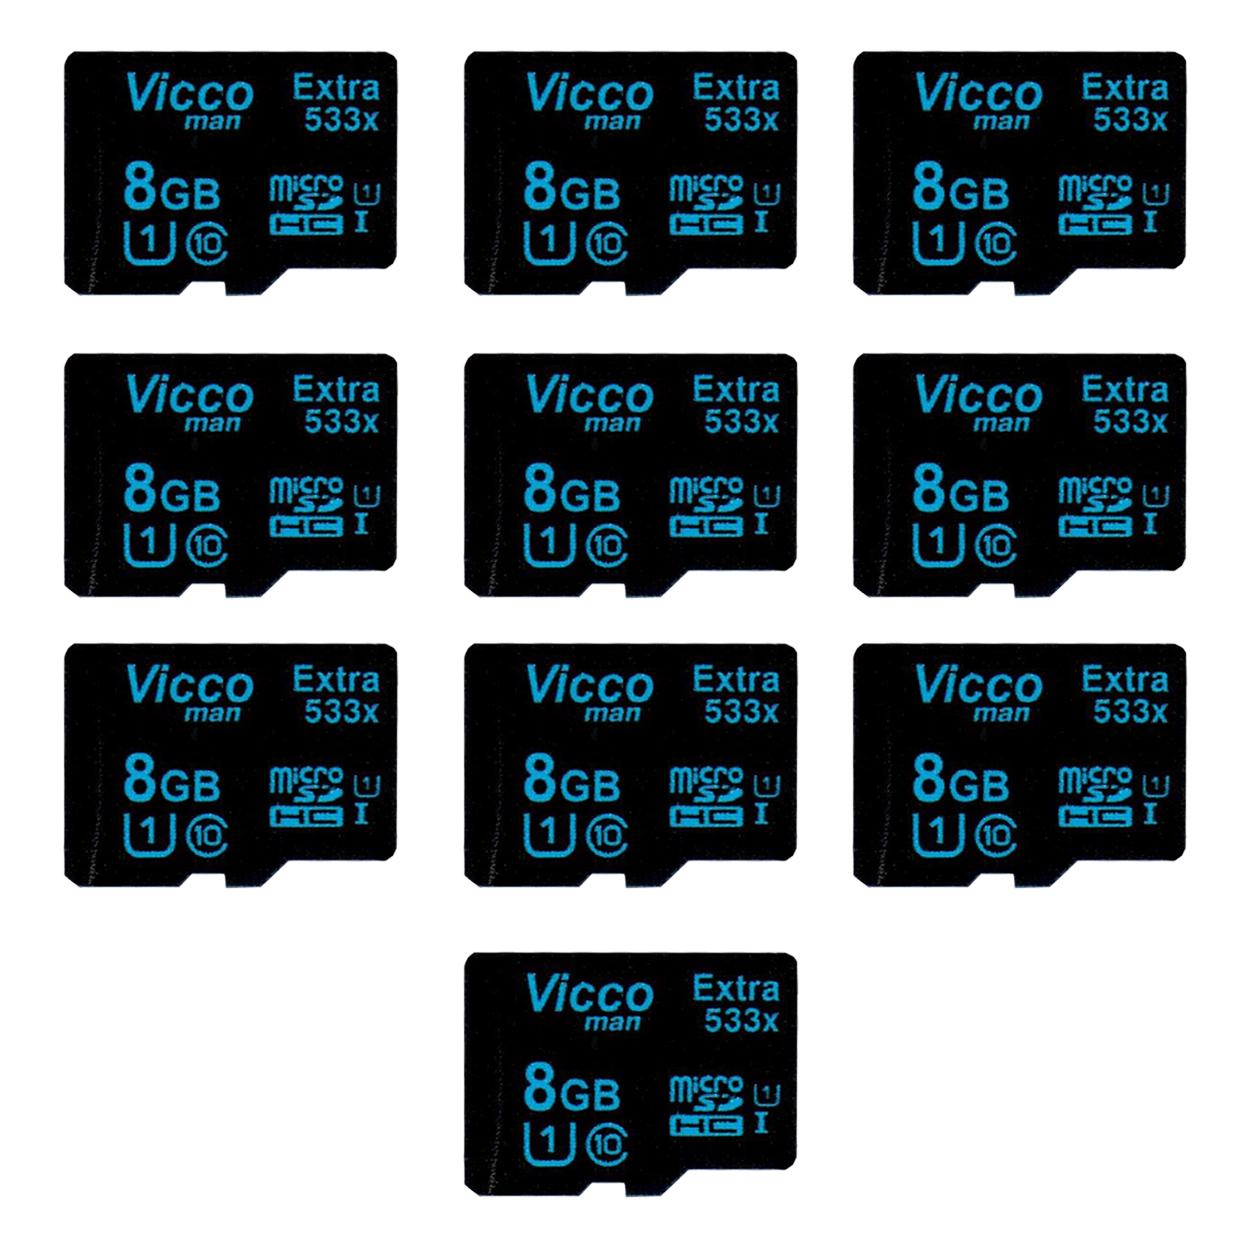 کارت حافظه microSDHC ویکو من مدل Extre 533X کلاس 10 استاندارد UHS-I U1 سرعت80MBps ظرفیت 8 گیگابایت بسته 10عددی